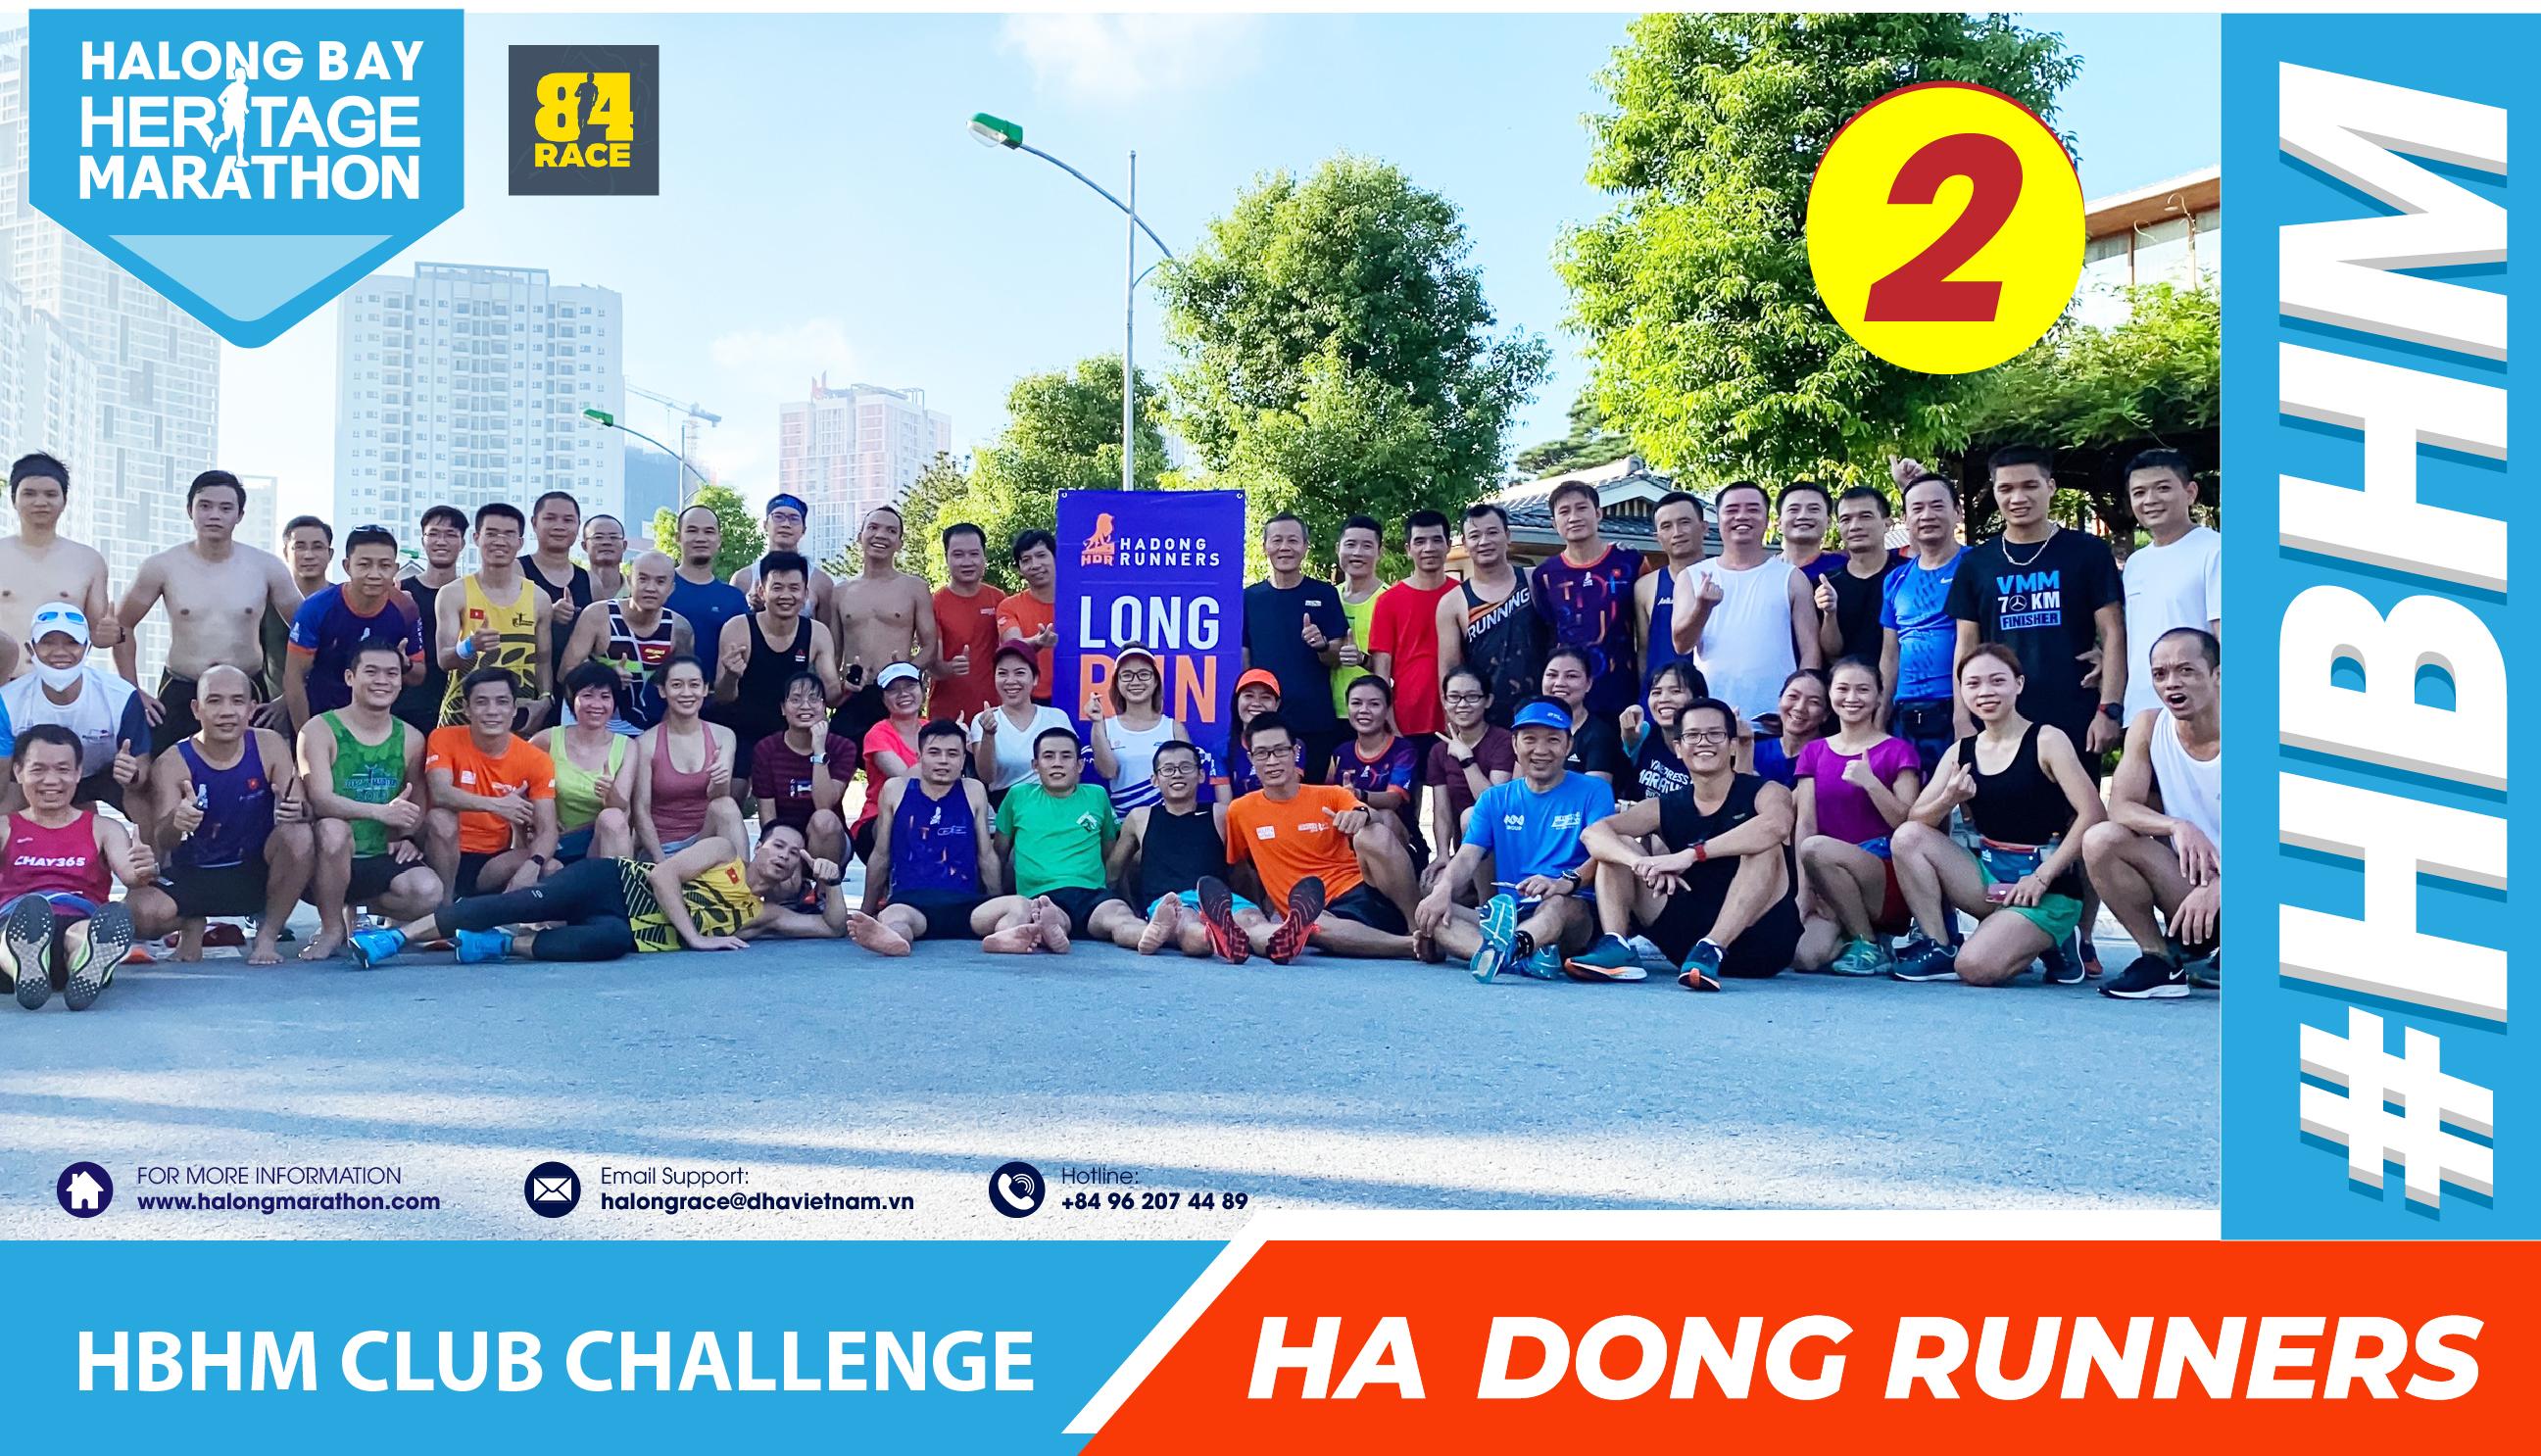 HBHM Challenge 2020 - HADONG RUNNERS 2